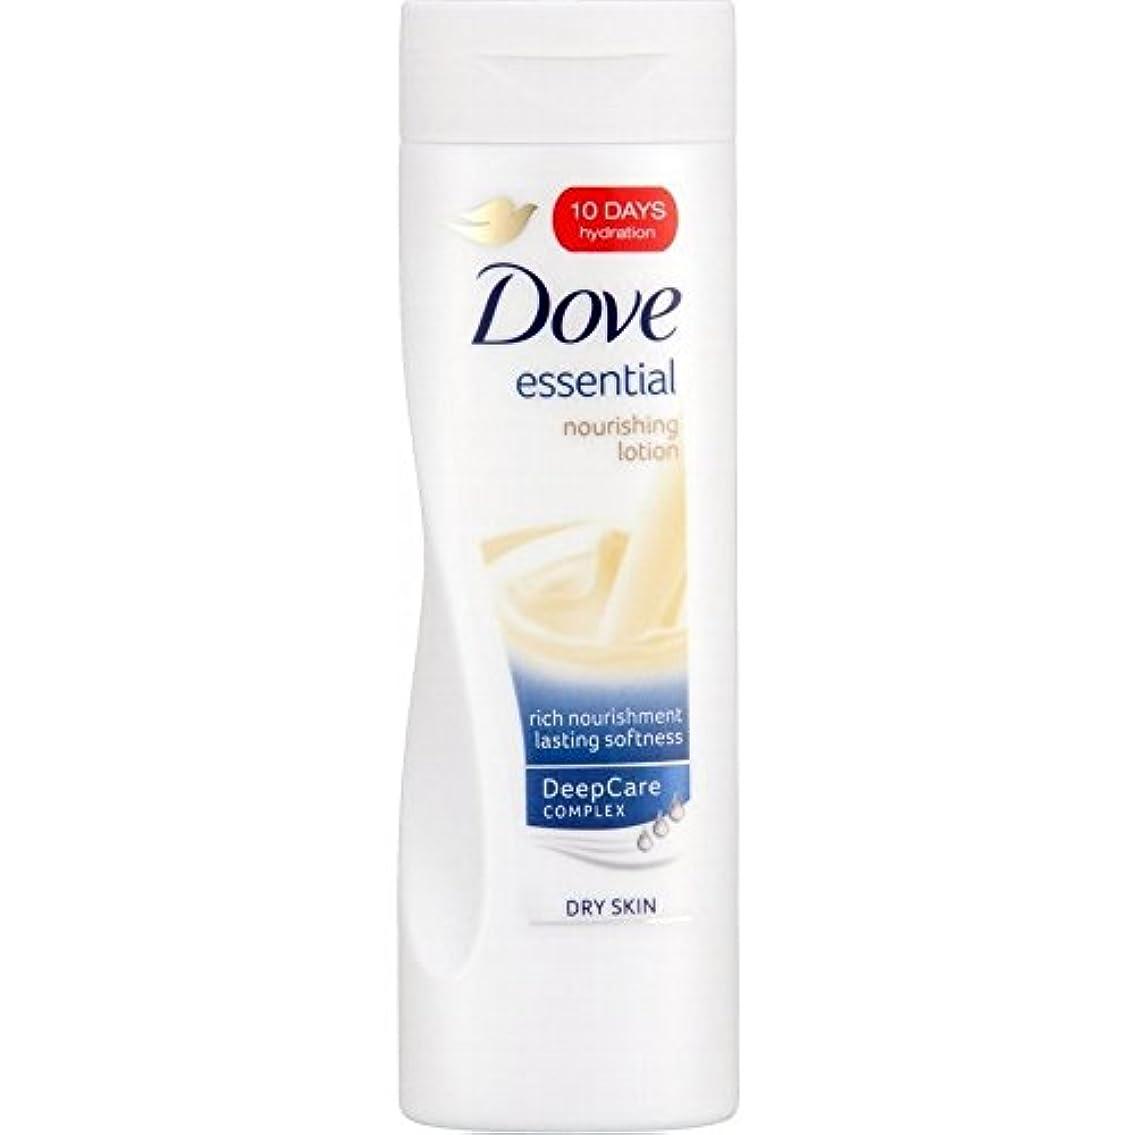 肖像画出演者留まるDove Essential Nourishment Body Lotion - Dry Skin (250ml) 鳩不可欠な栄養ボディローション - 乾燥肌( 250ミリリットル) [並行輸入品]